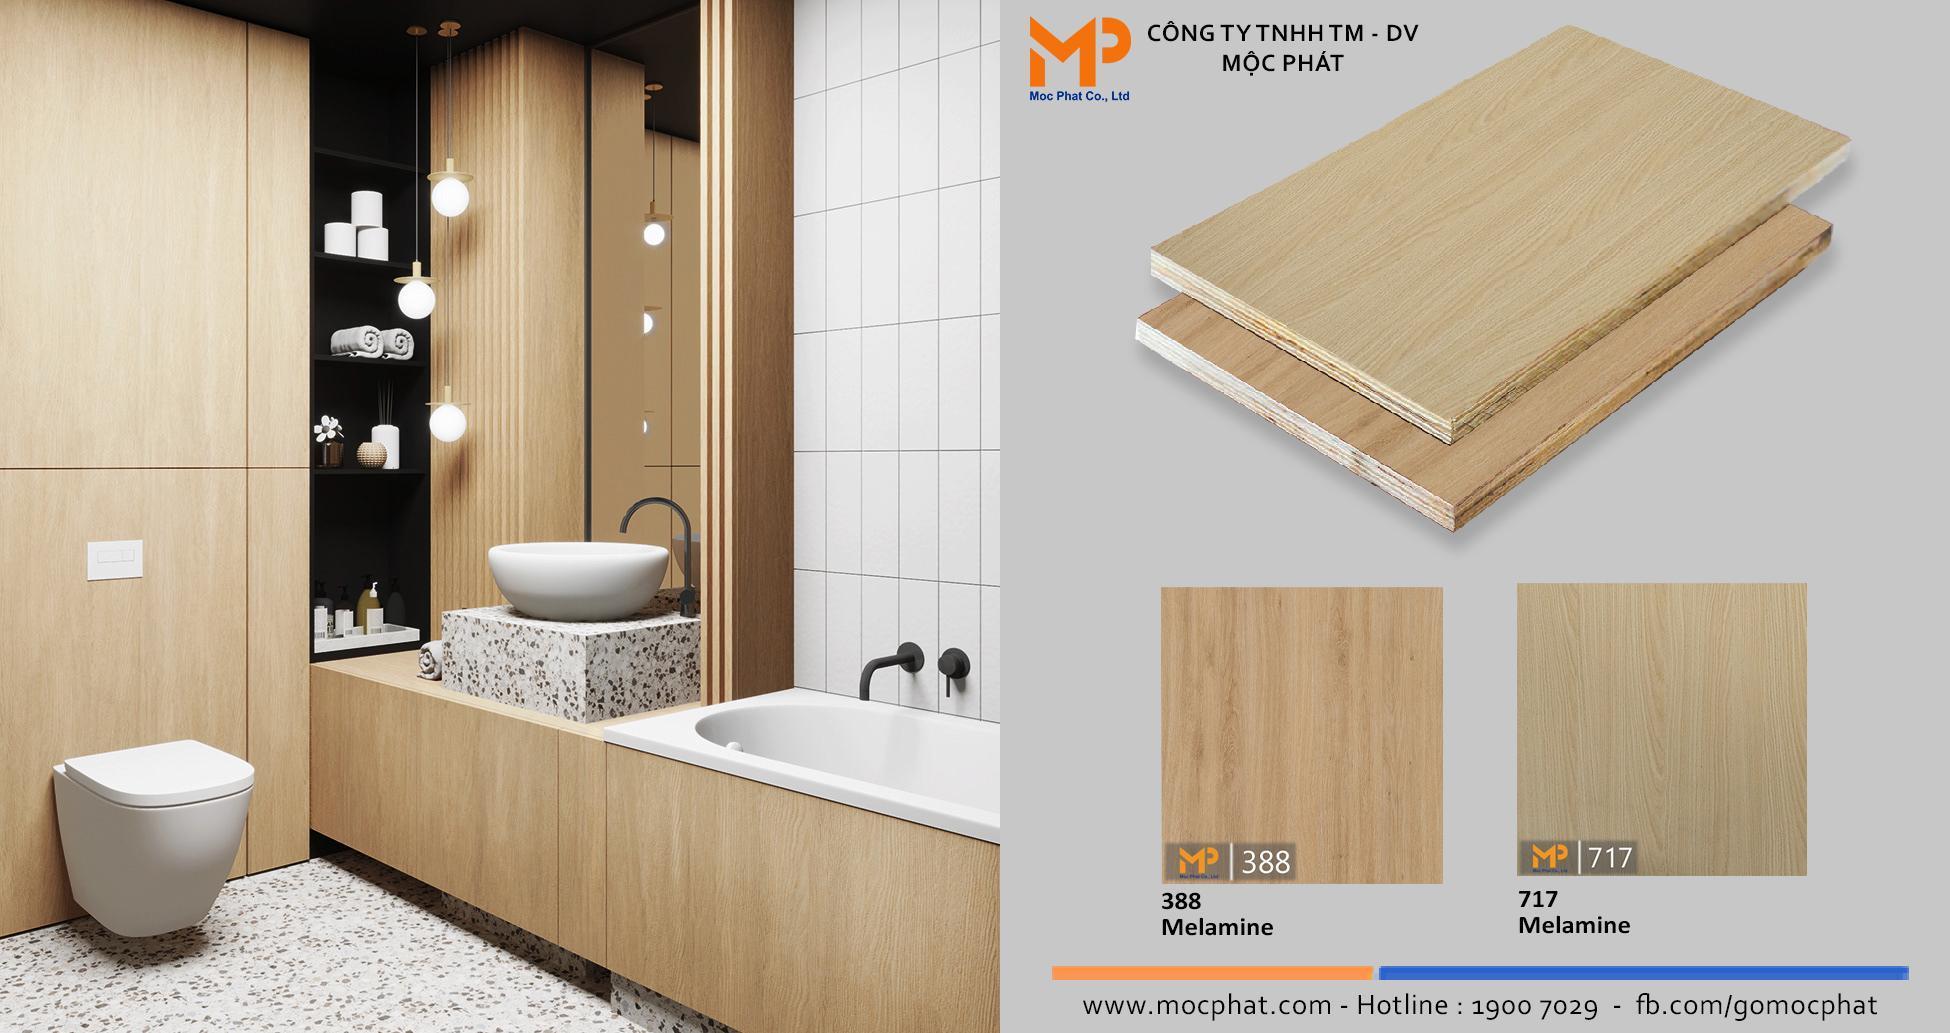 Plywood phủ Melamine vân gỗ: Mở ra không gian phòng vệ sinh hút mọi ánh nhìn